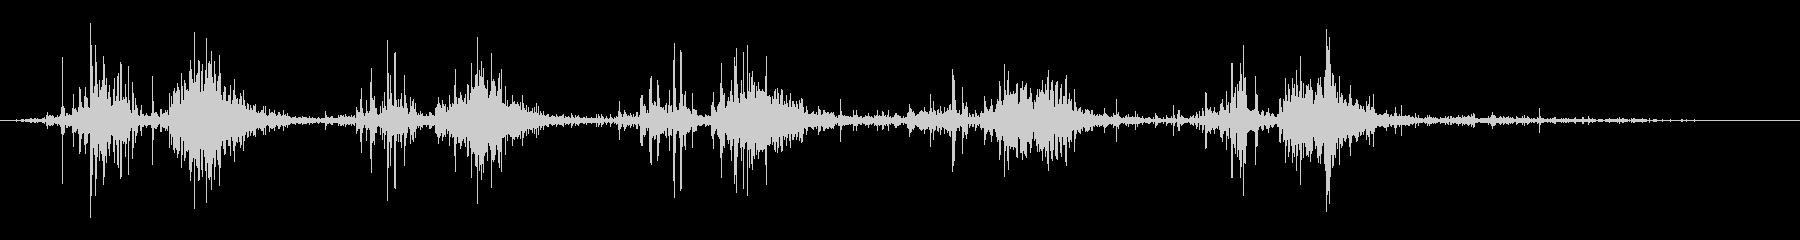 タブレッド菓子出す音・振る音2の未再生の波形